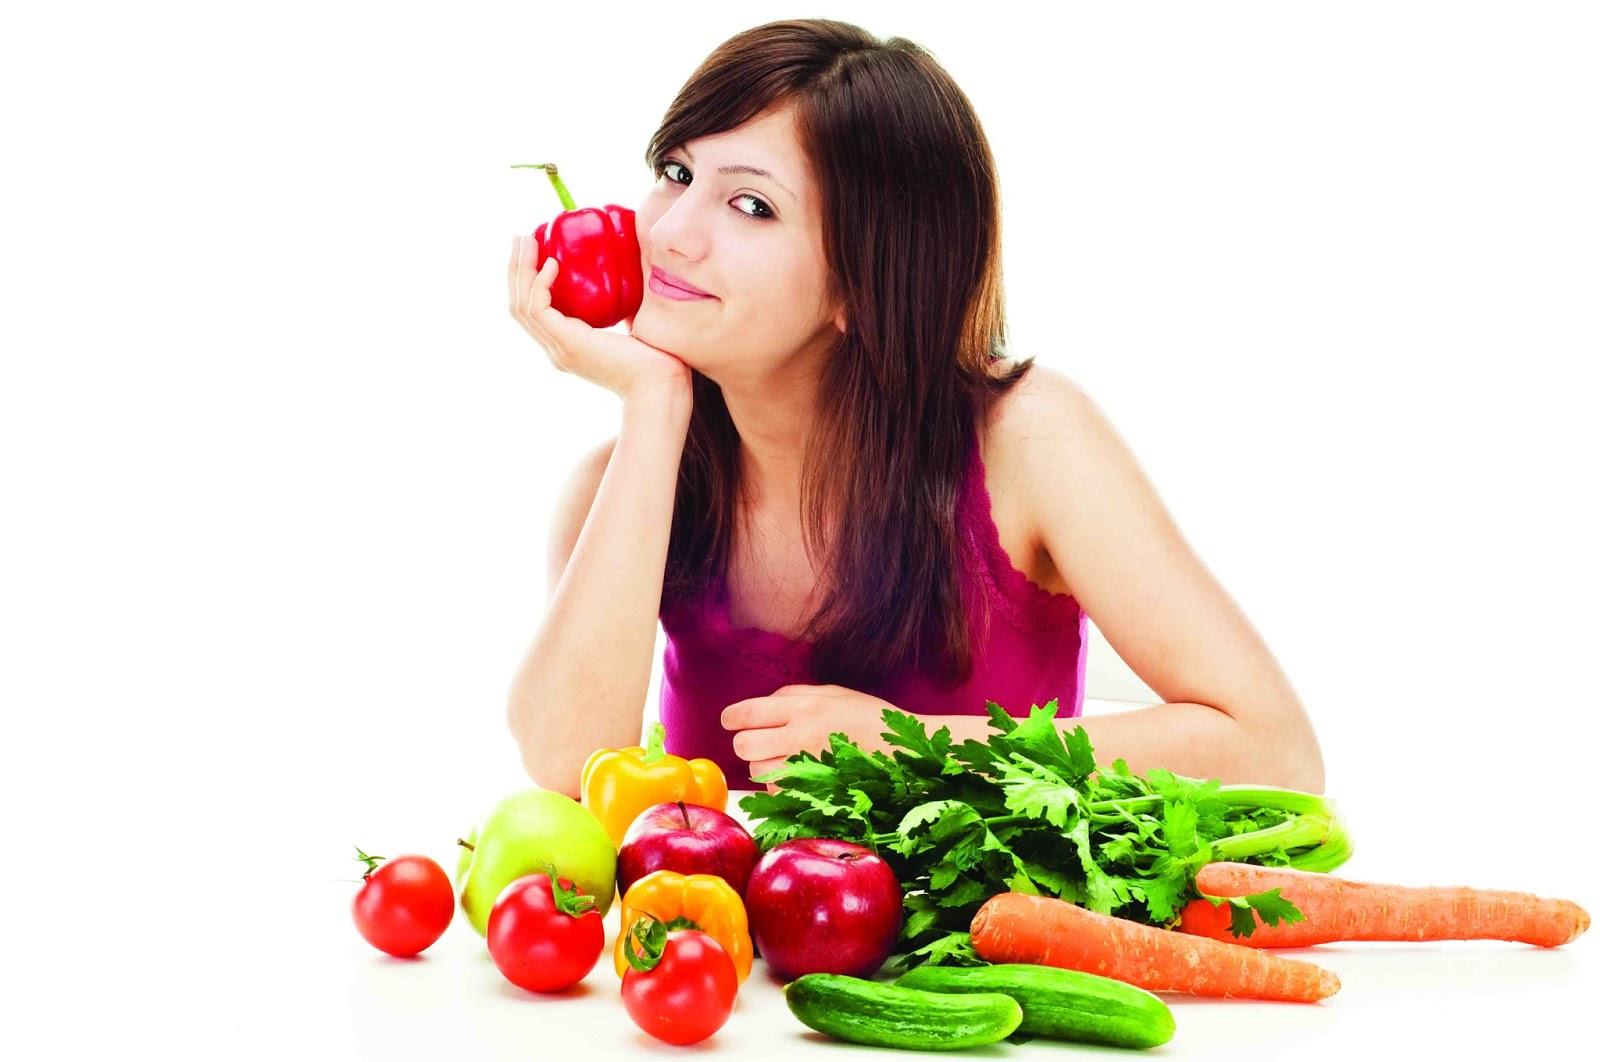 Sản phẩm chiết xuất tự nhiên từ trái cây và rau củ giúp cơ thể nữ giới tràn đầy sức sống